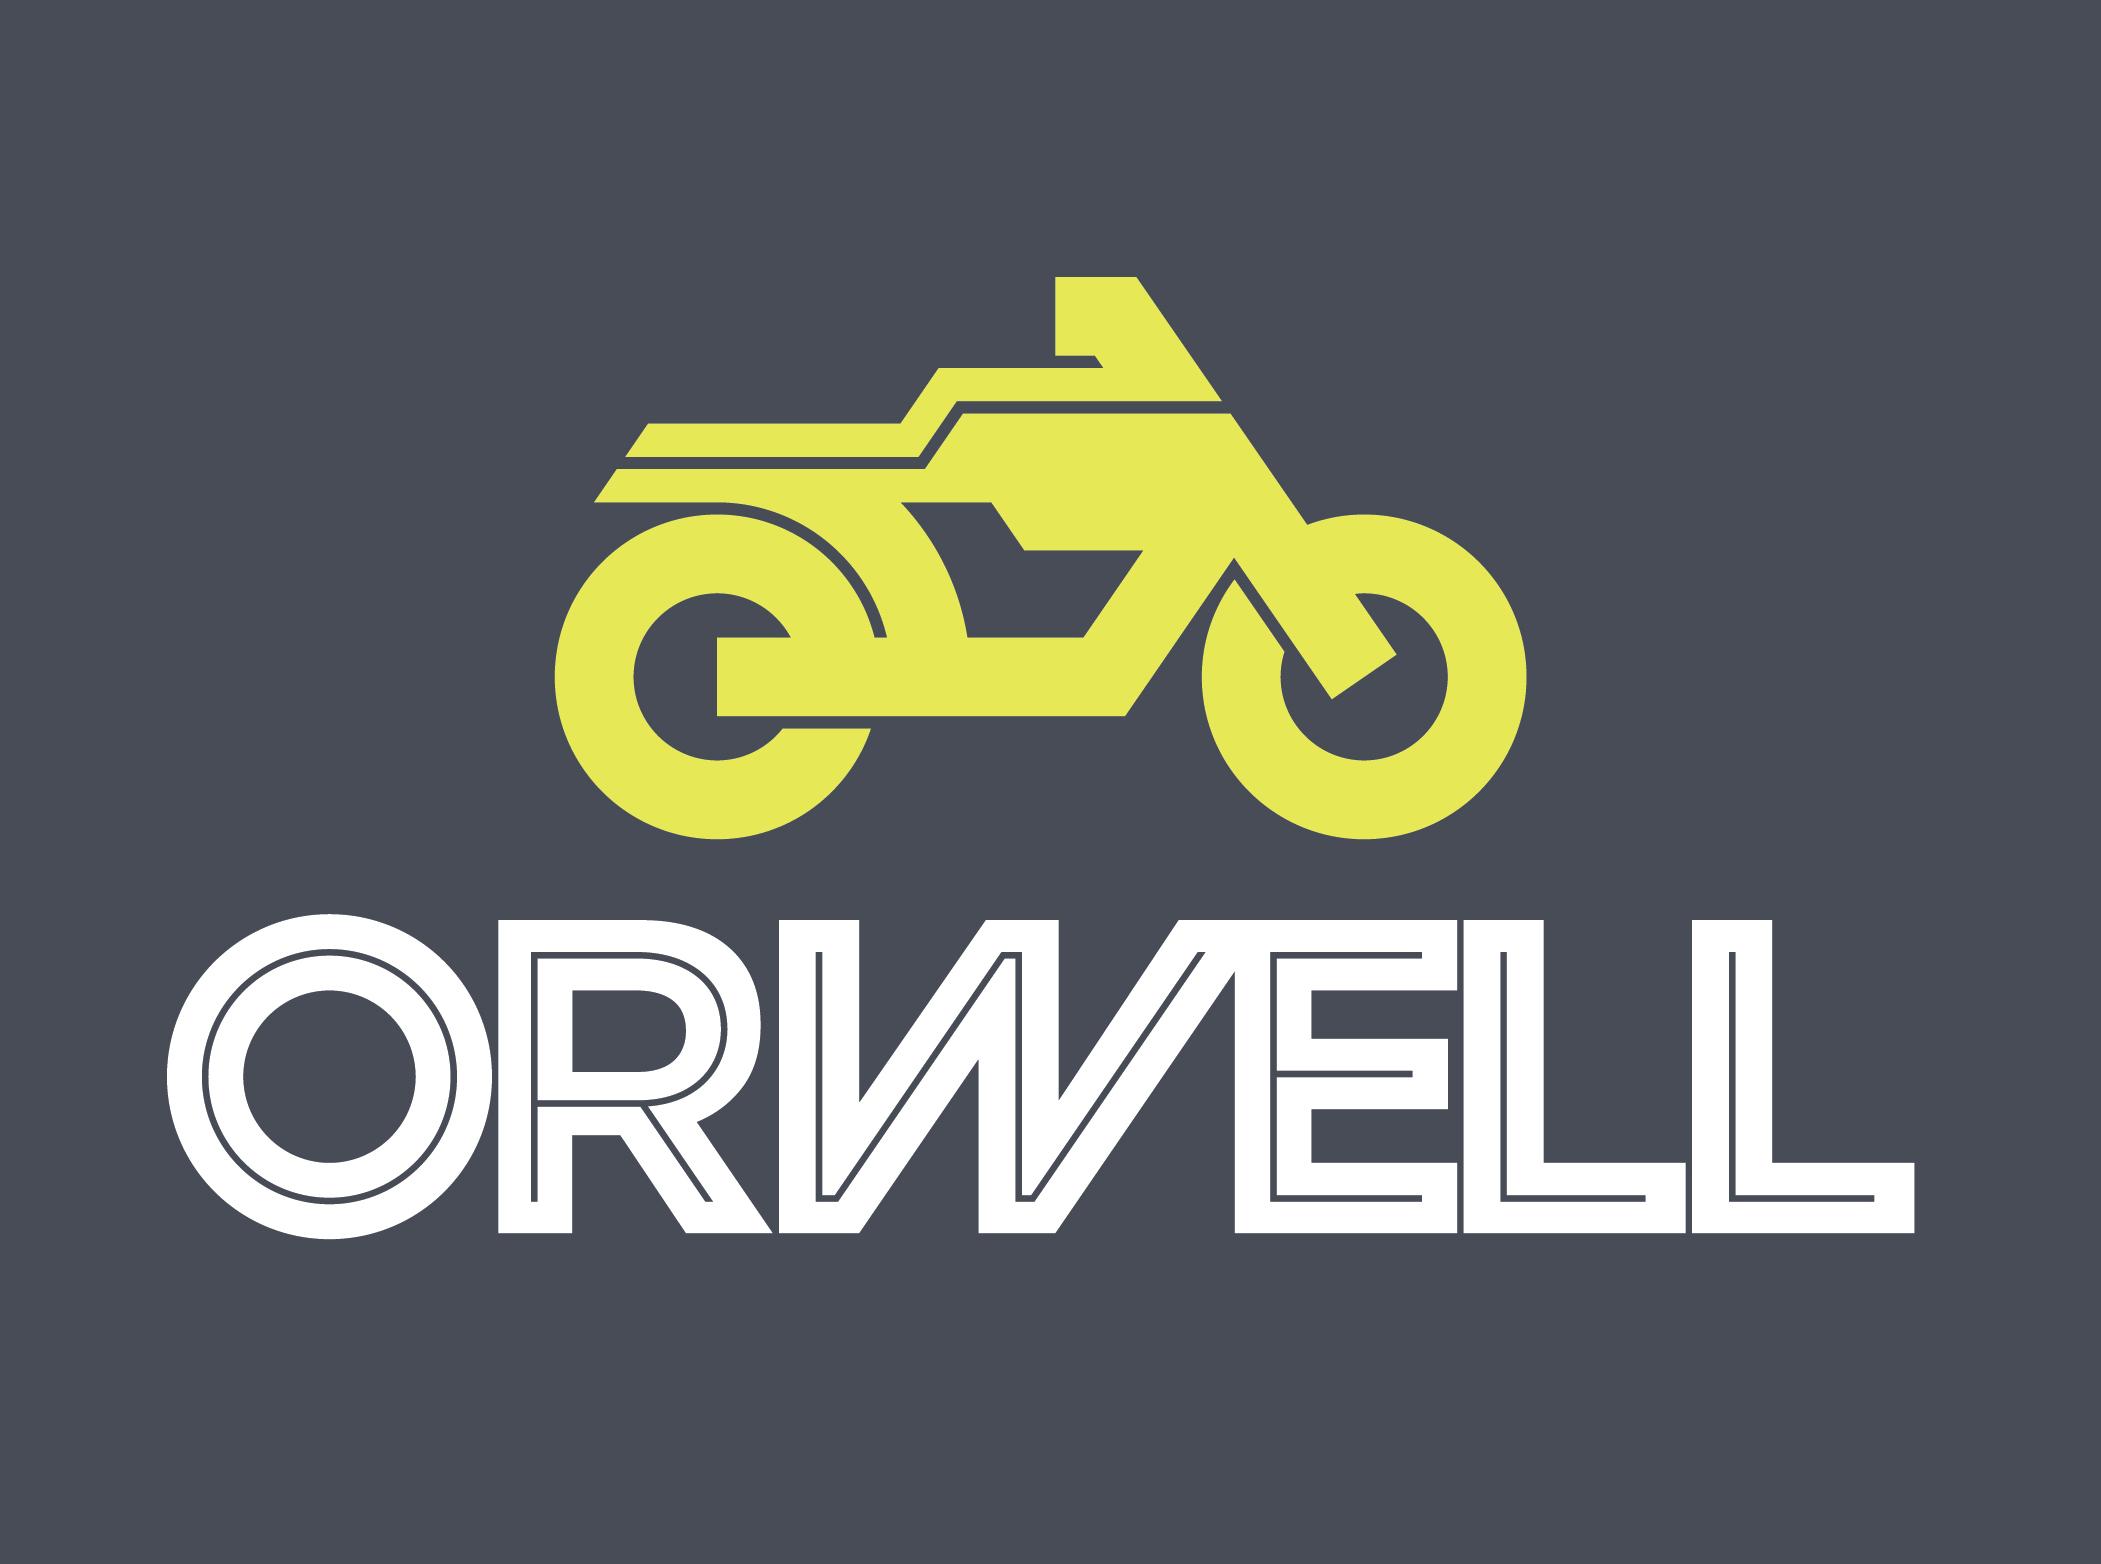 Orwell_Stacked_Yellow Bike_White text.jpg